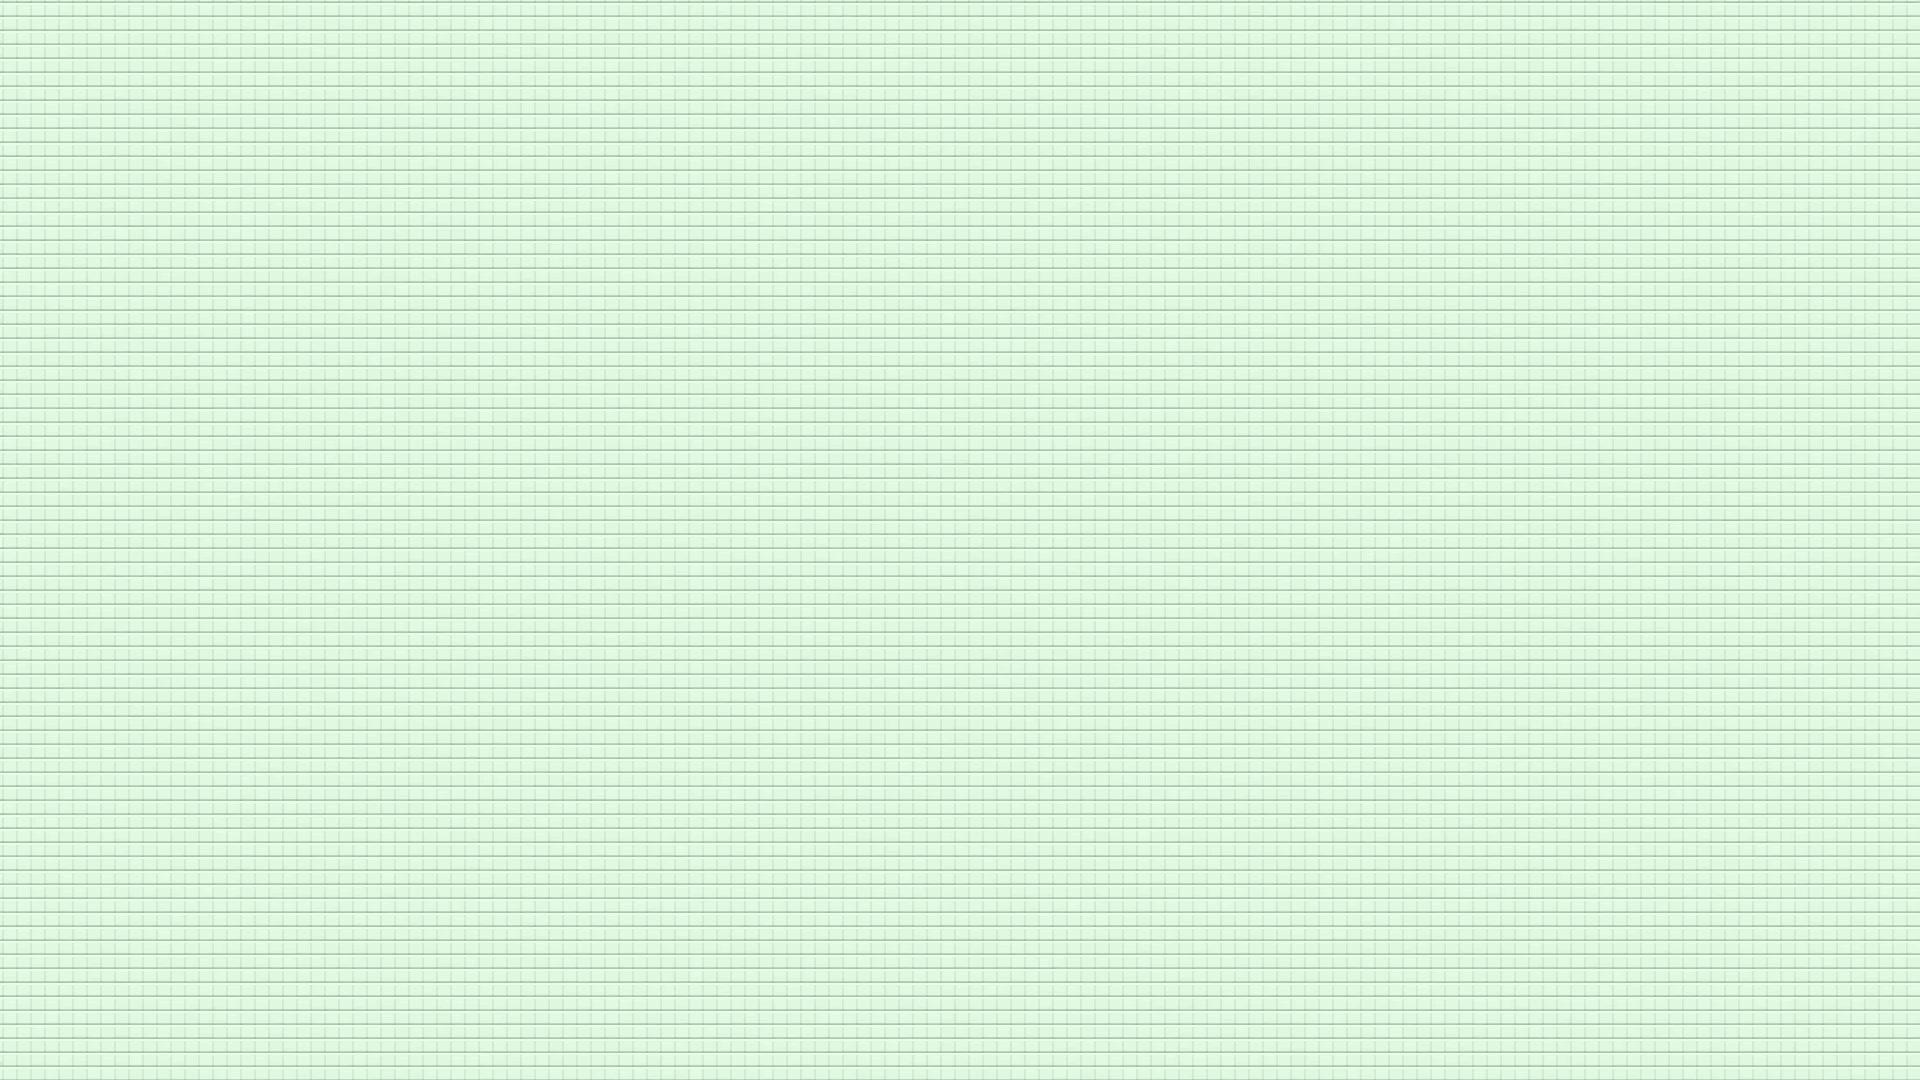 タイル風2_green